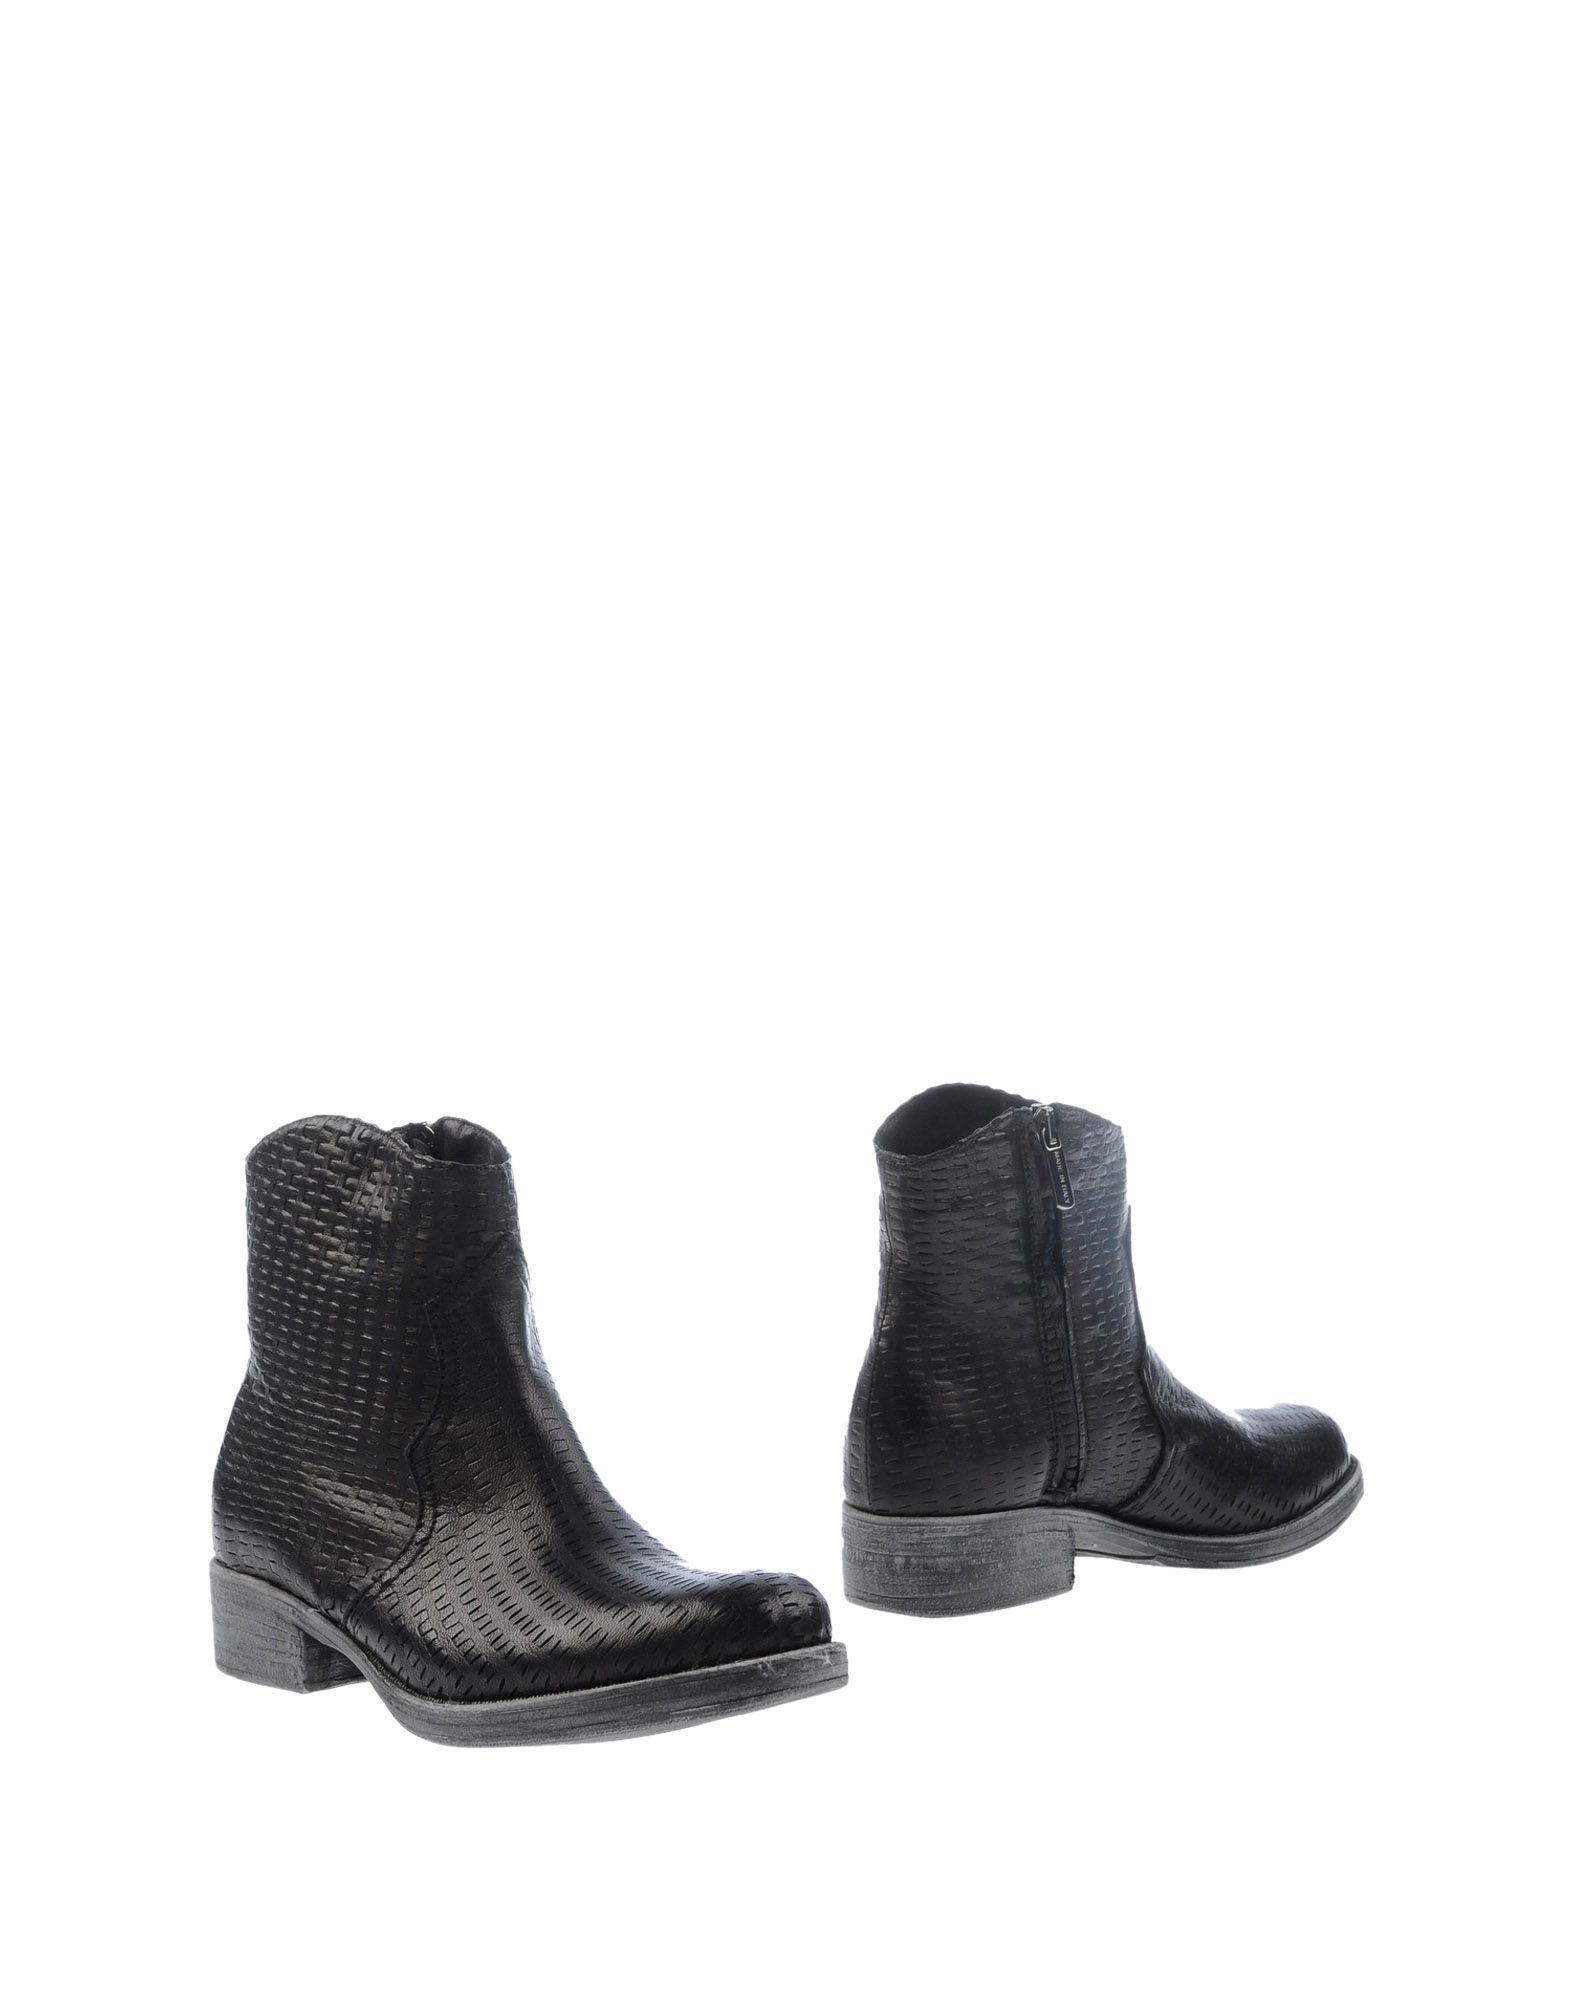 Griff Italia Stiefelette Damen  44827902RC Gute Gute Gute Qualität beliebte Schuhe 0ae9be